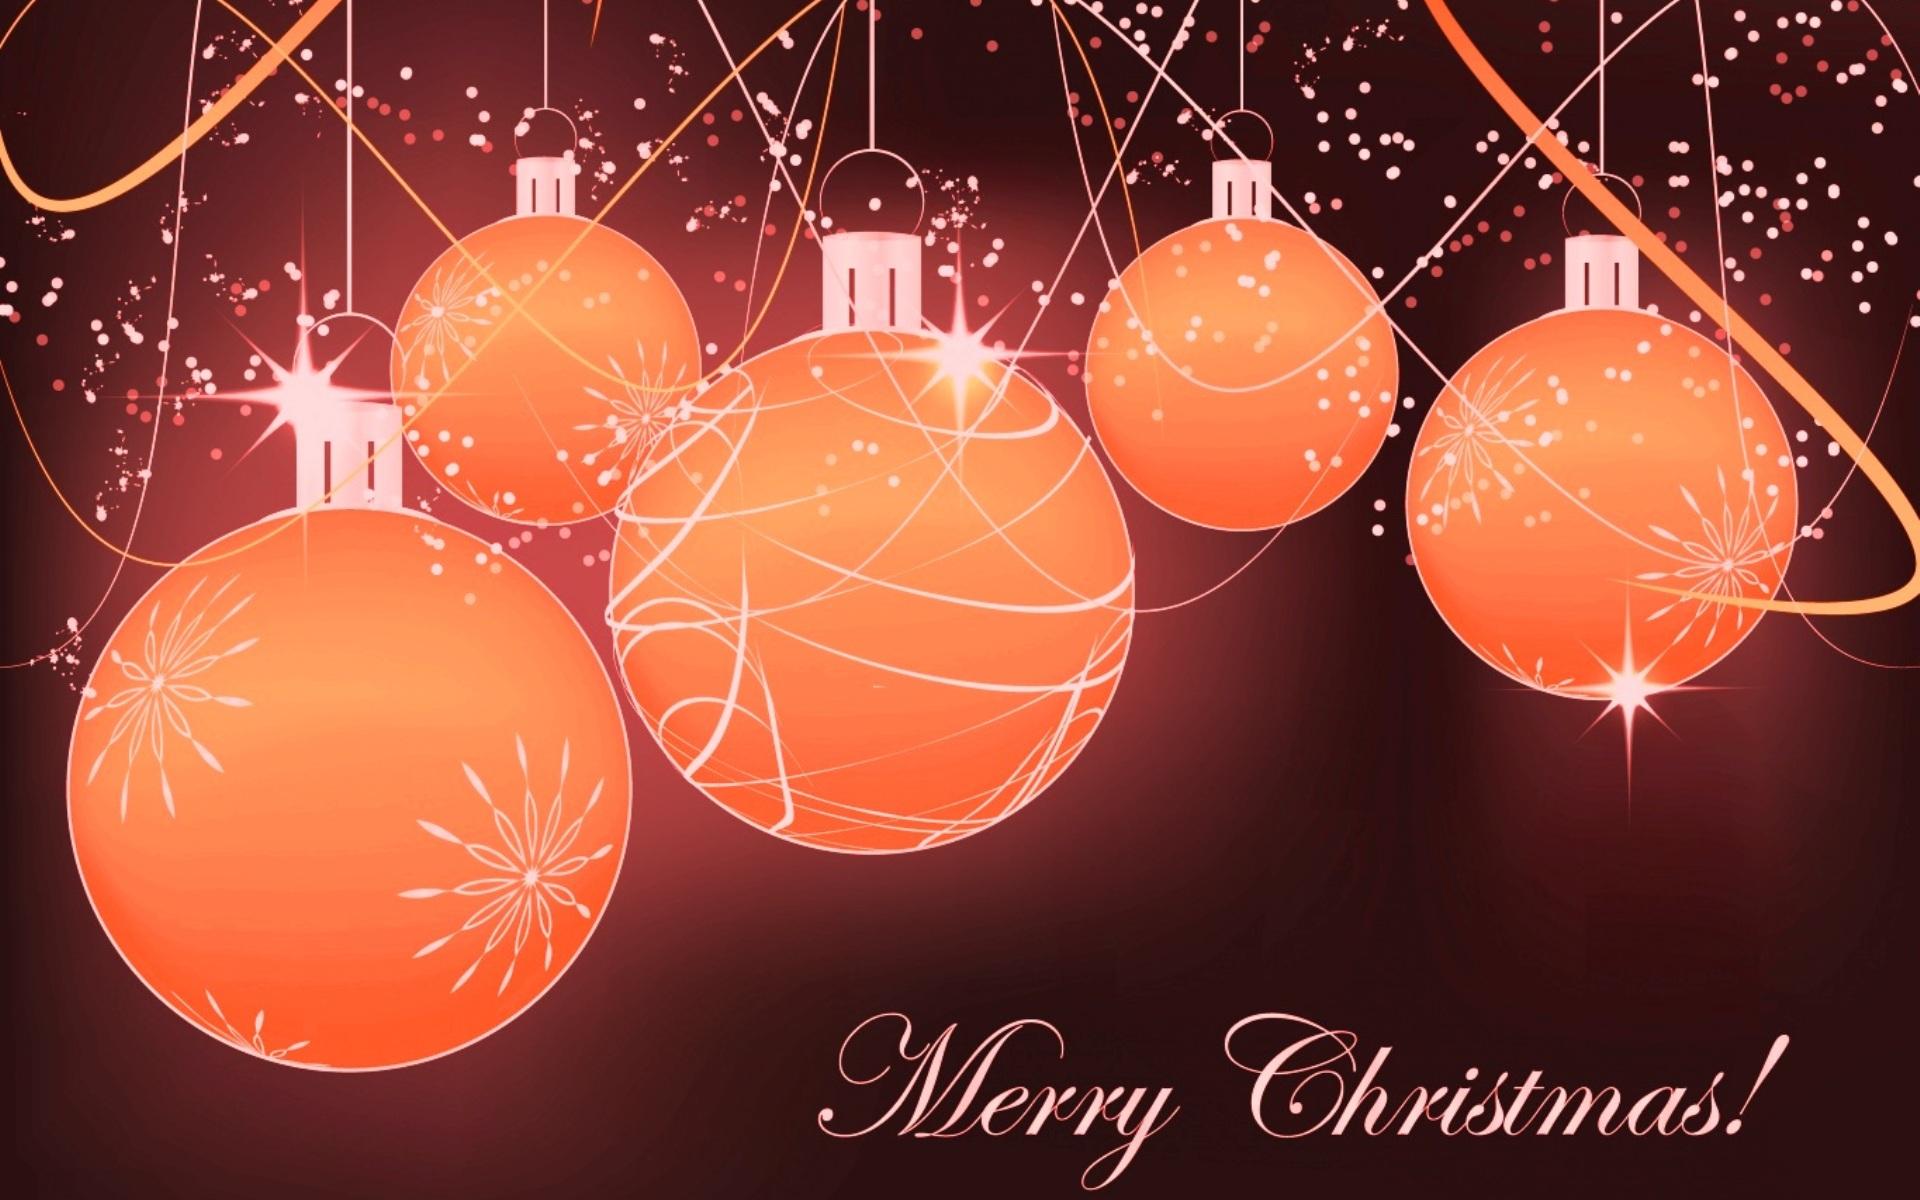 Католическое Рождество - C Рождеством Христовым поздравительные картинки